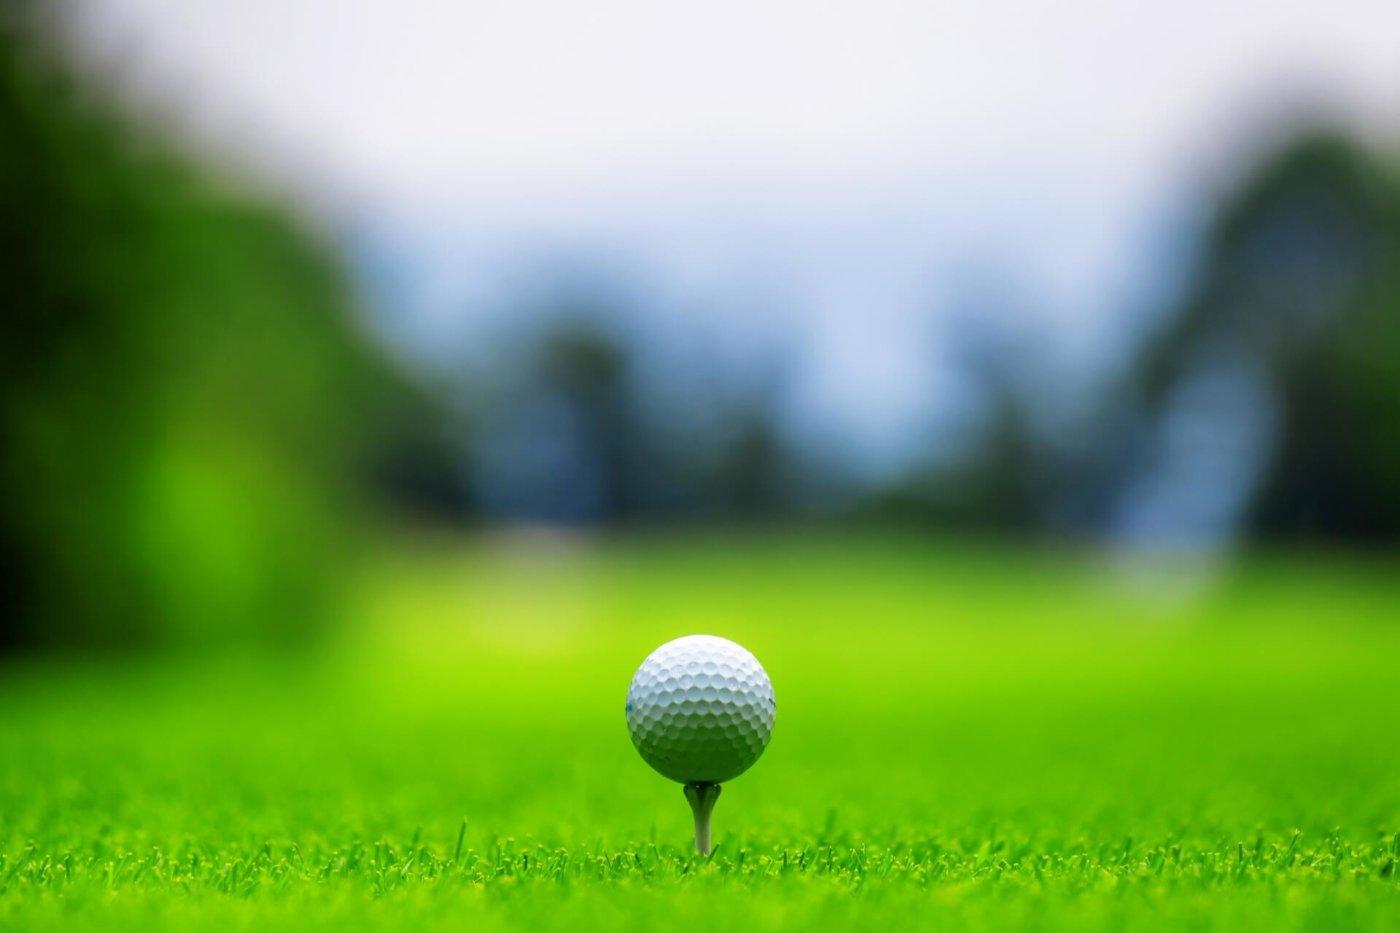 ゴルフで押さえておきたいメンズファッションの定番からオススメまで